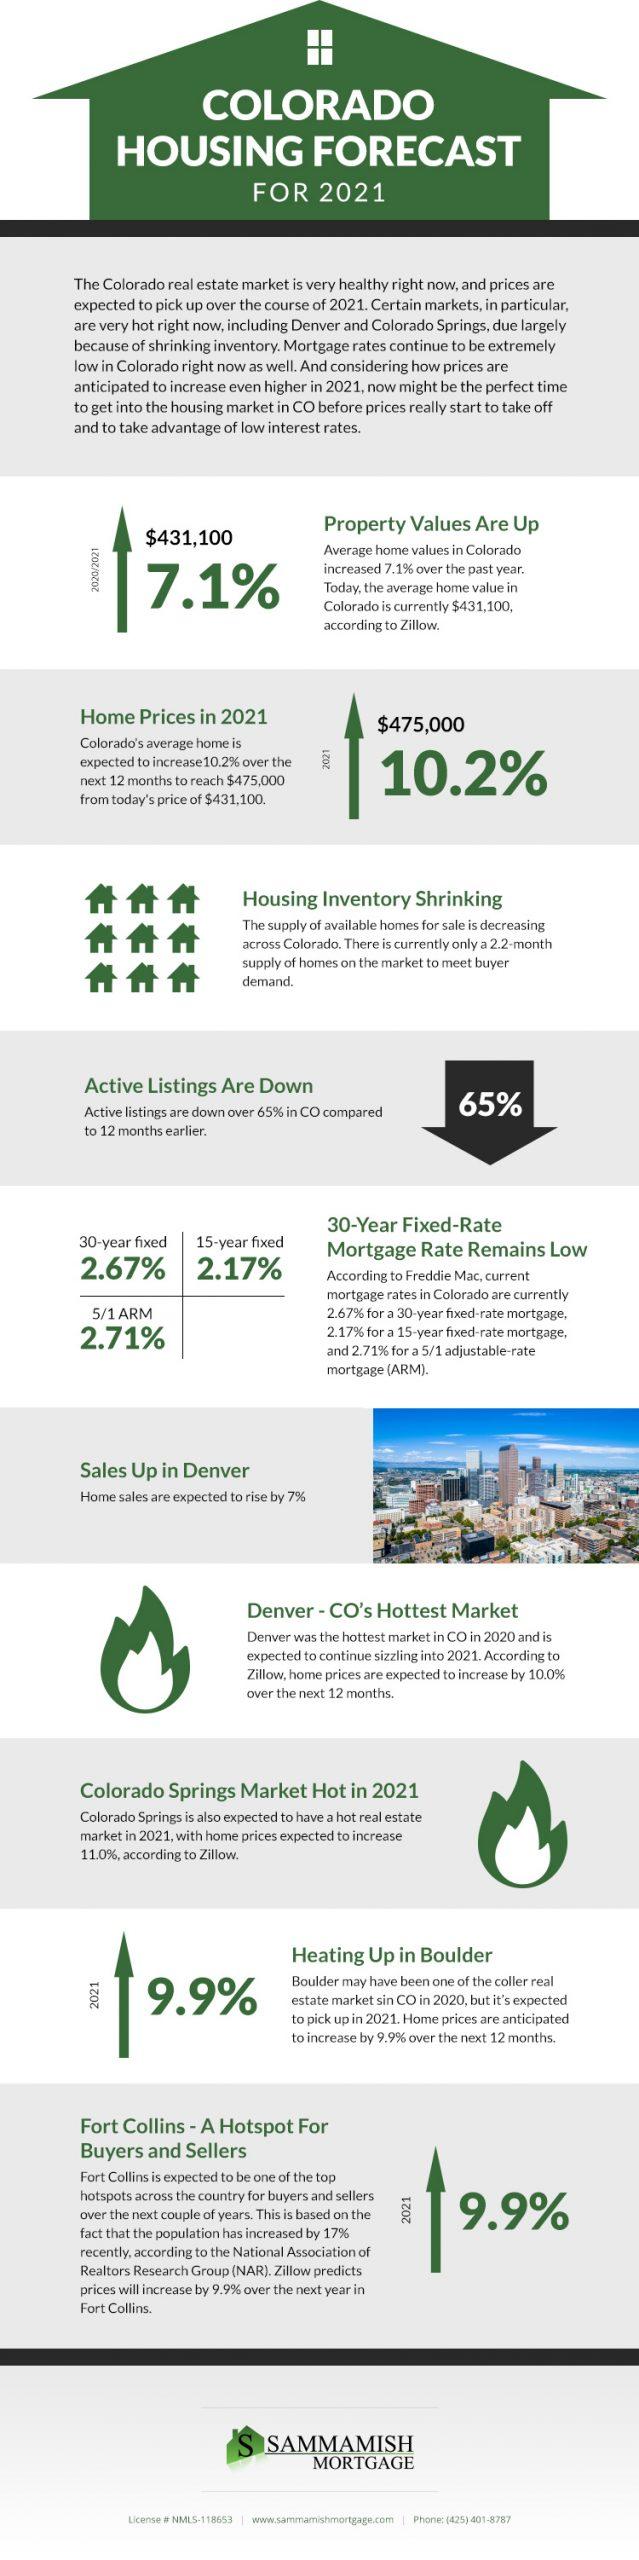 Colorado Housing Forecast for 2021